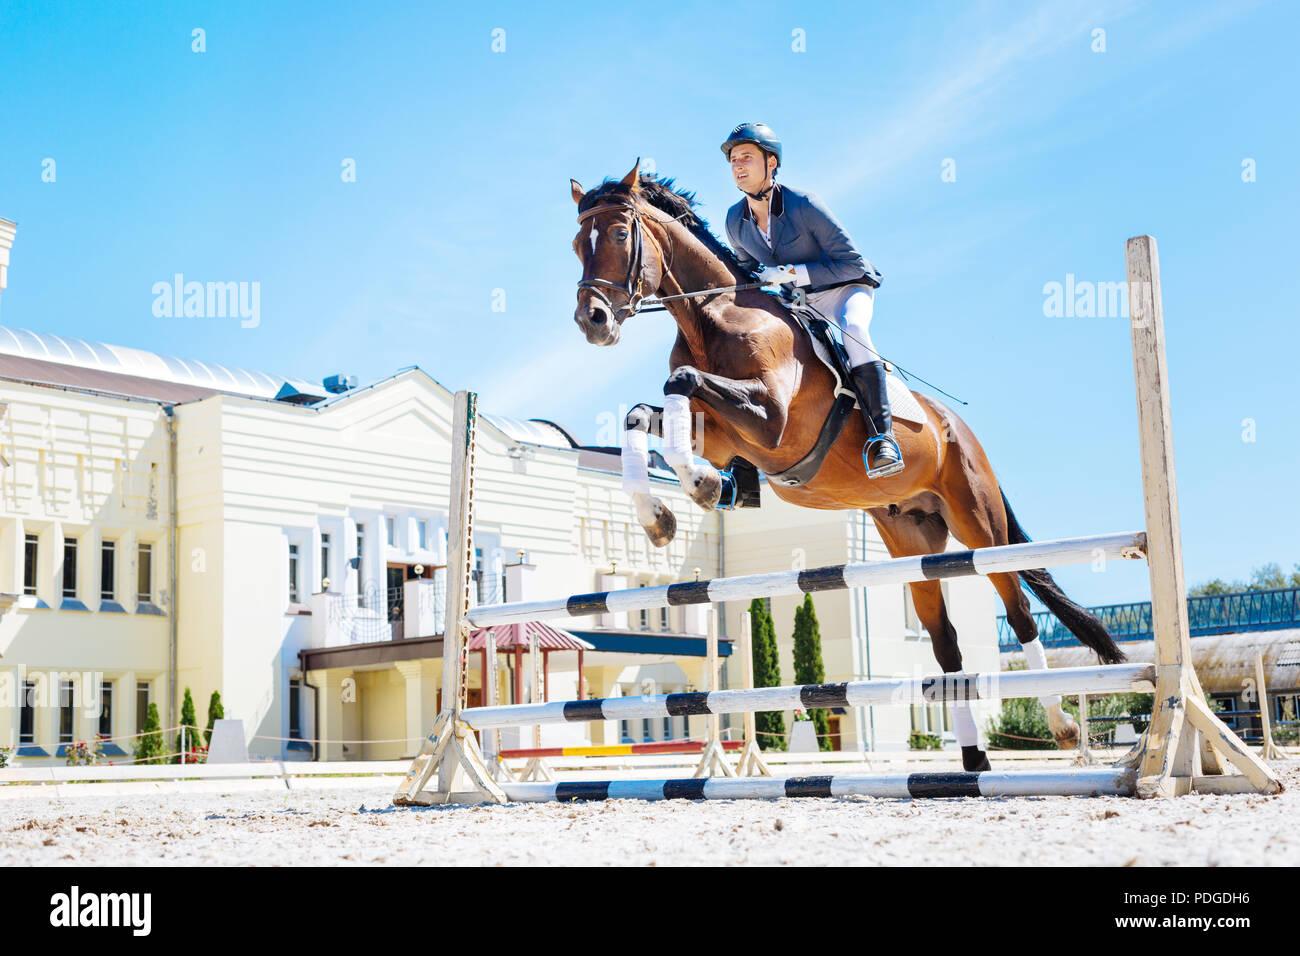 Uomo a cavallo indossando giacca blu sensazione eccitato mentre hurdling cavallo Immagini Stock